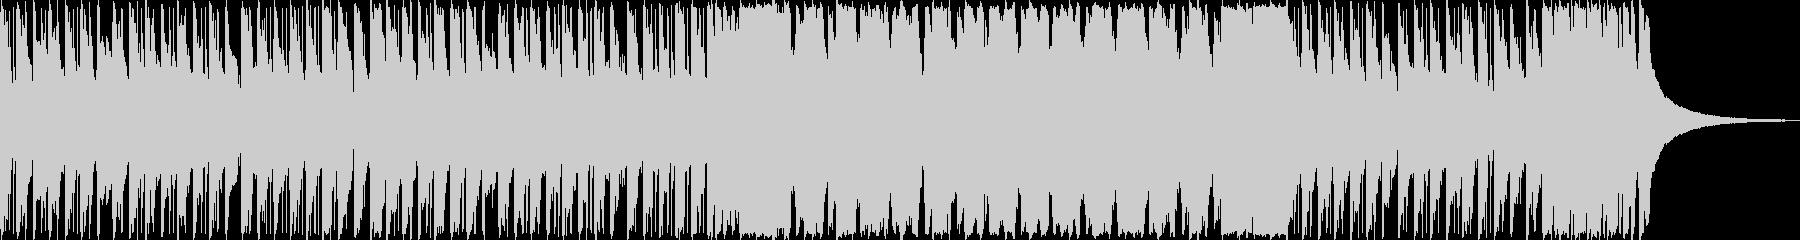 昭和家族の日常系のほほんの未再生の波形